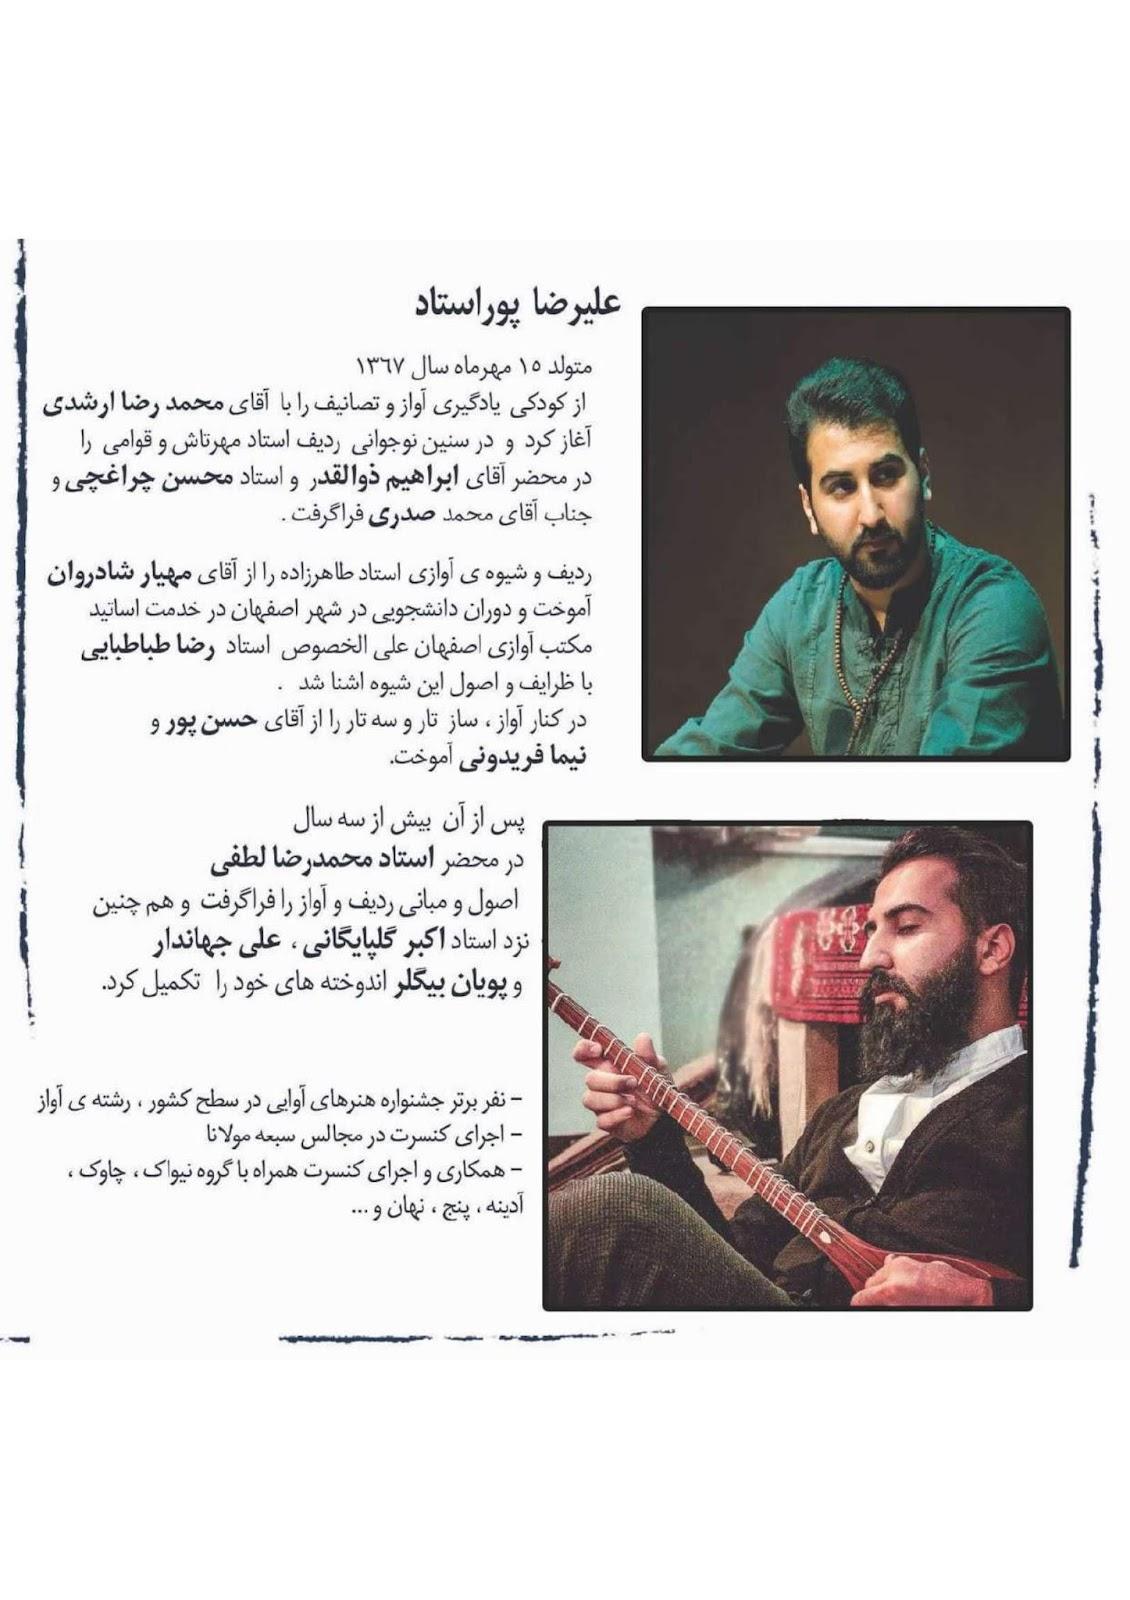 آلبوم گرامافون با صدای علیرضا پوراستاد آهنگسازی محمد وکیلی موسسهی آوای همنواز